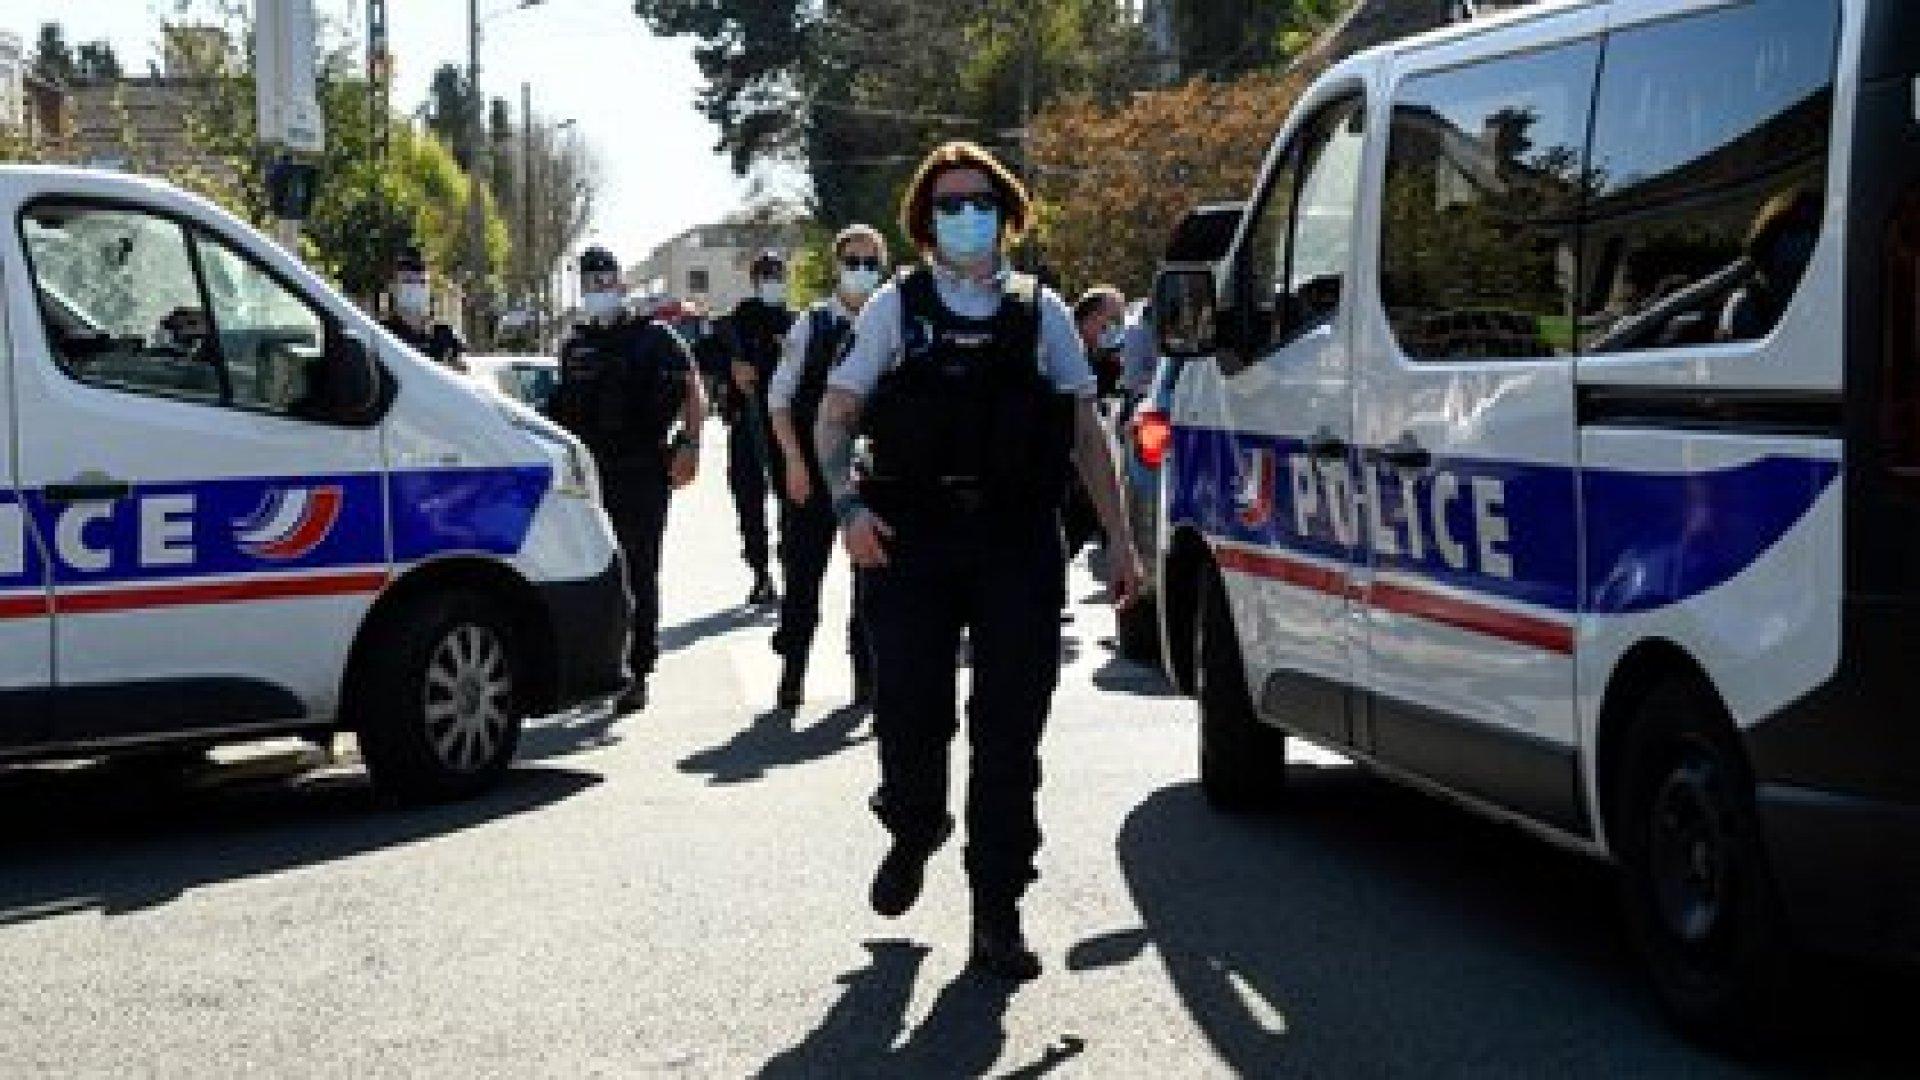 El ataque tuvo lugar hacia las 14:20 (12:20 GMT) en la entrada de la comisaría de esta ciudad de 26.000 habitantes (AFP)